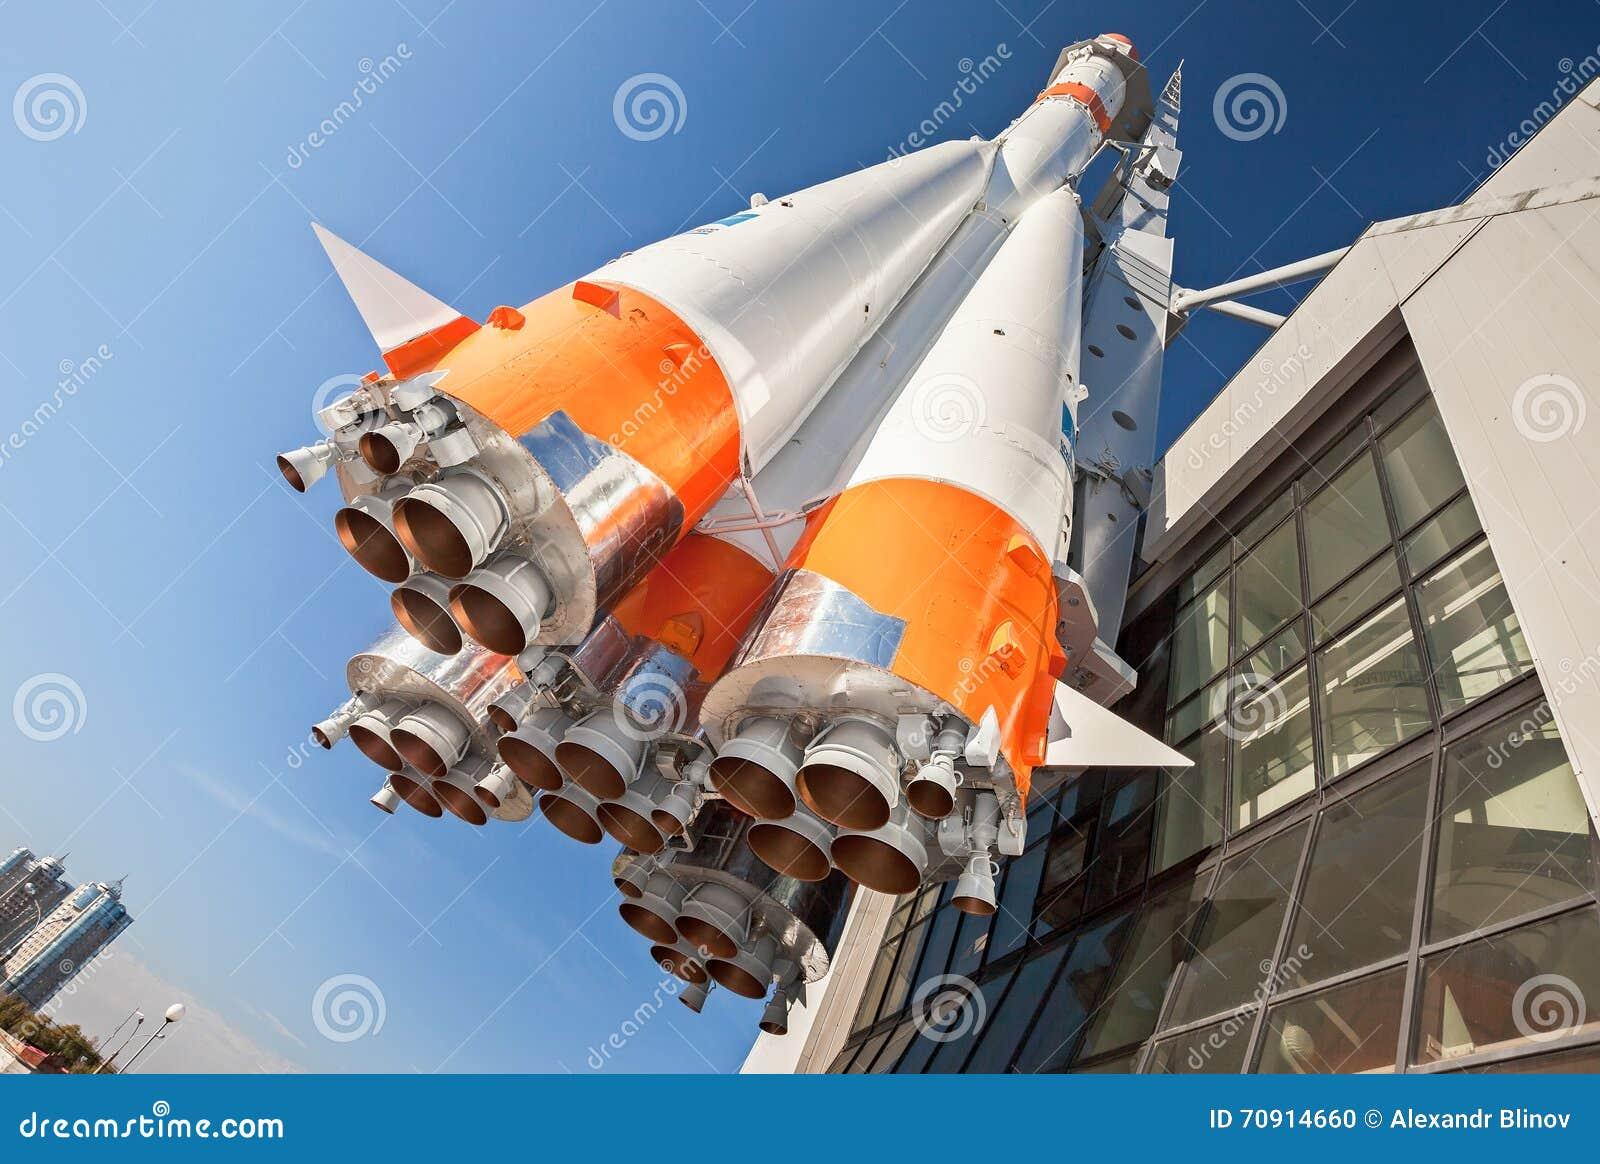 Razzo russo dei trasporti spaziali con i razzi immagine - Immagini stampabili a razzo ...